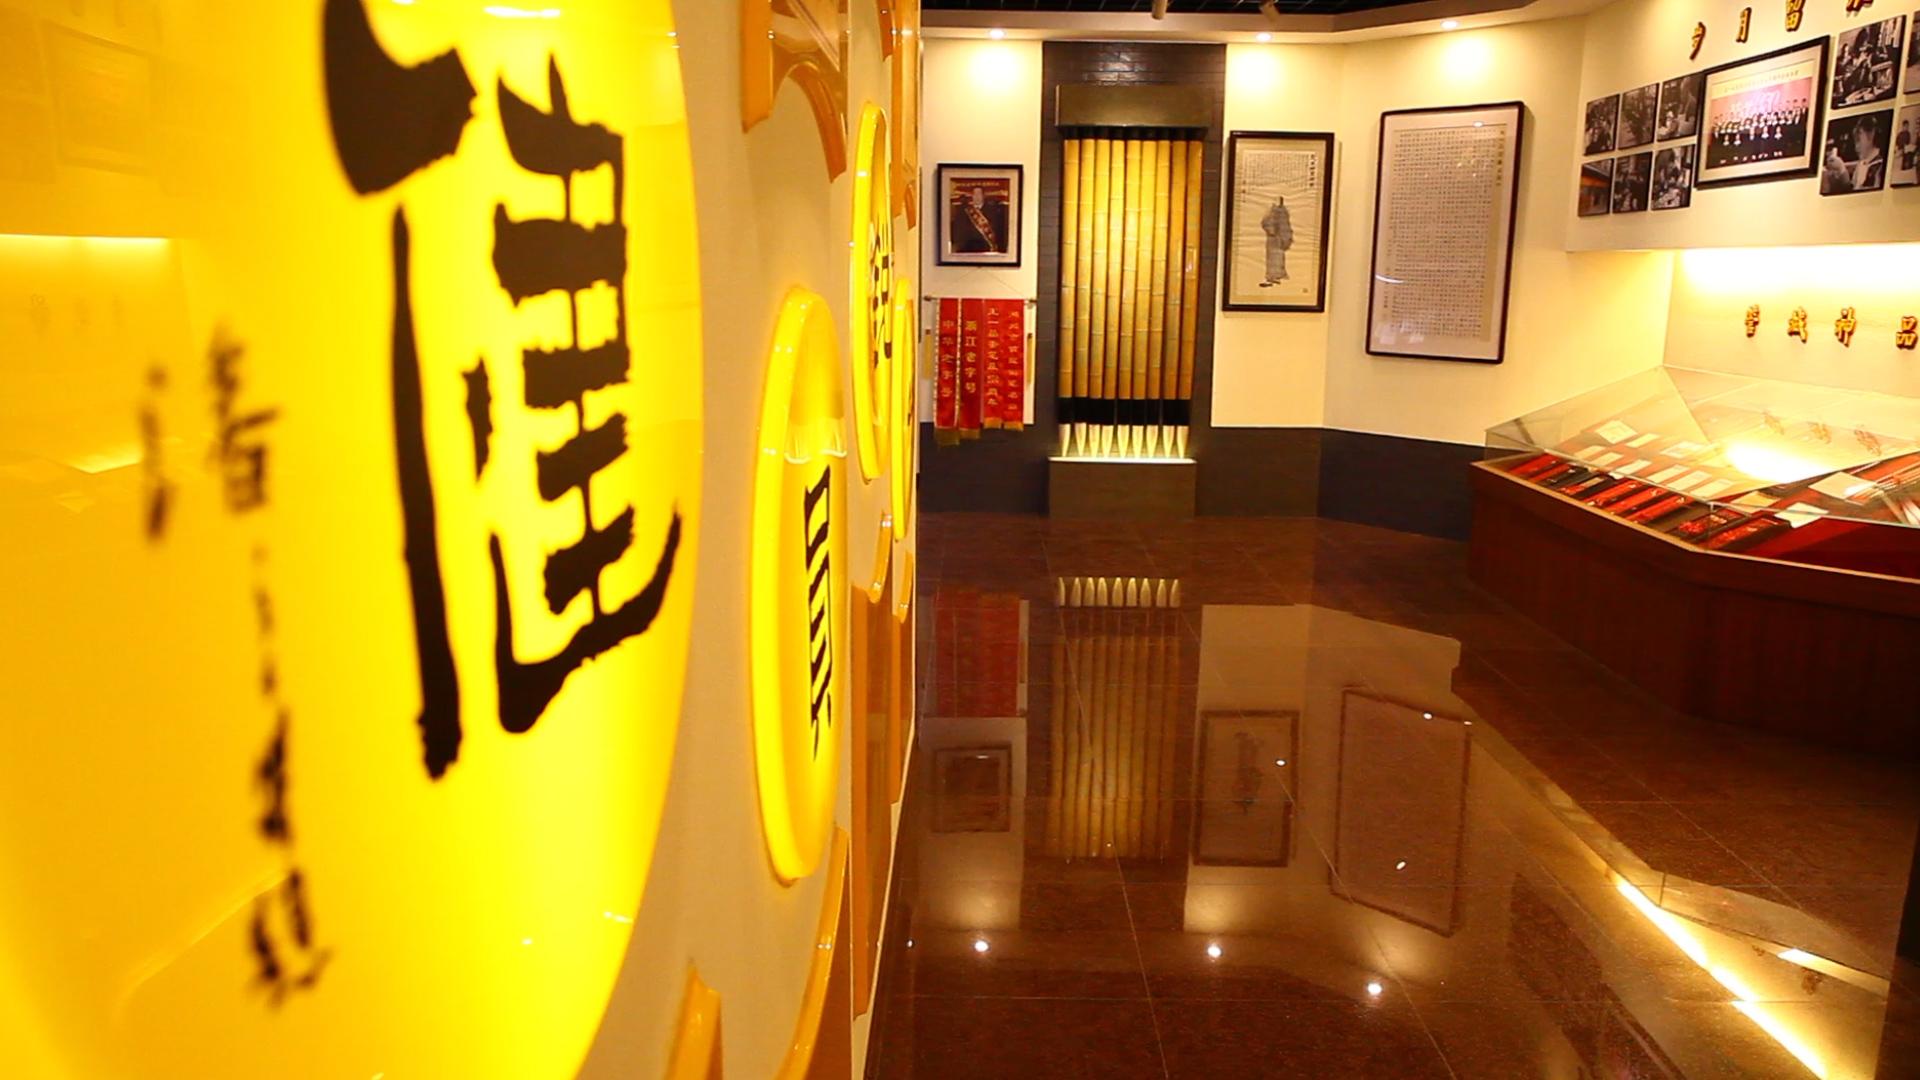 Худжоу е известен с четките за калиграфия. Изработват се в градчето Шанлиан.<br /> Историците са проследили развитието на четката Худжоу назад към династията Чин, 3 в. пр.Хр. В продължение на повече от 2000 години, тези четки били предпочитани от калиграфите в цял Китай заради отличната им изработка и разнообразие от видове. Това са едни от най-разпознаваемите китайски четки, използвани за калиграфия.